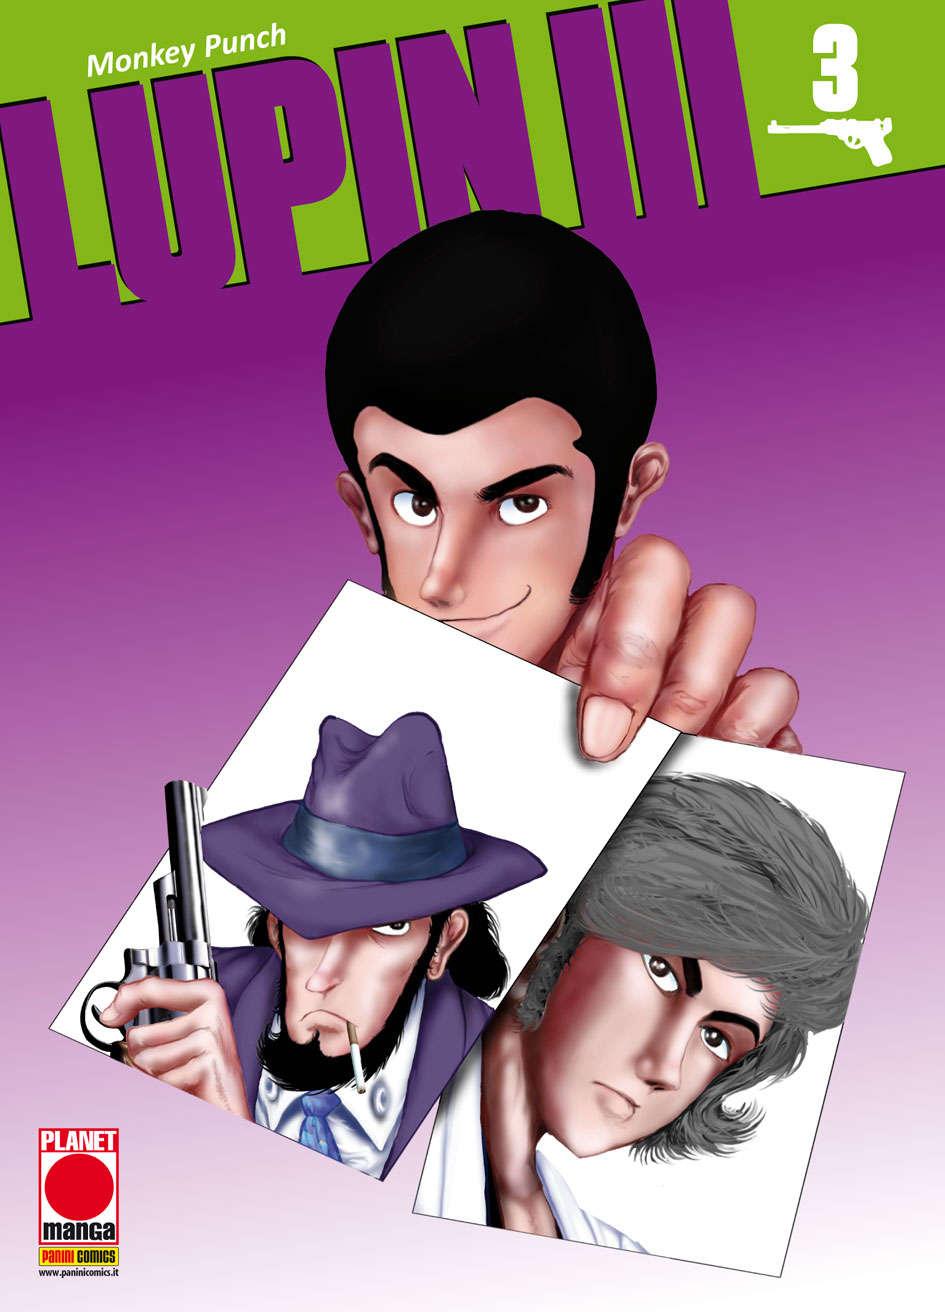 Fumetto-online.it - Il Portale dei Fumetti e dei suoi lettori  vendita  fumetti e acquisto fumetti be0c61784dca